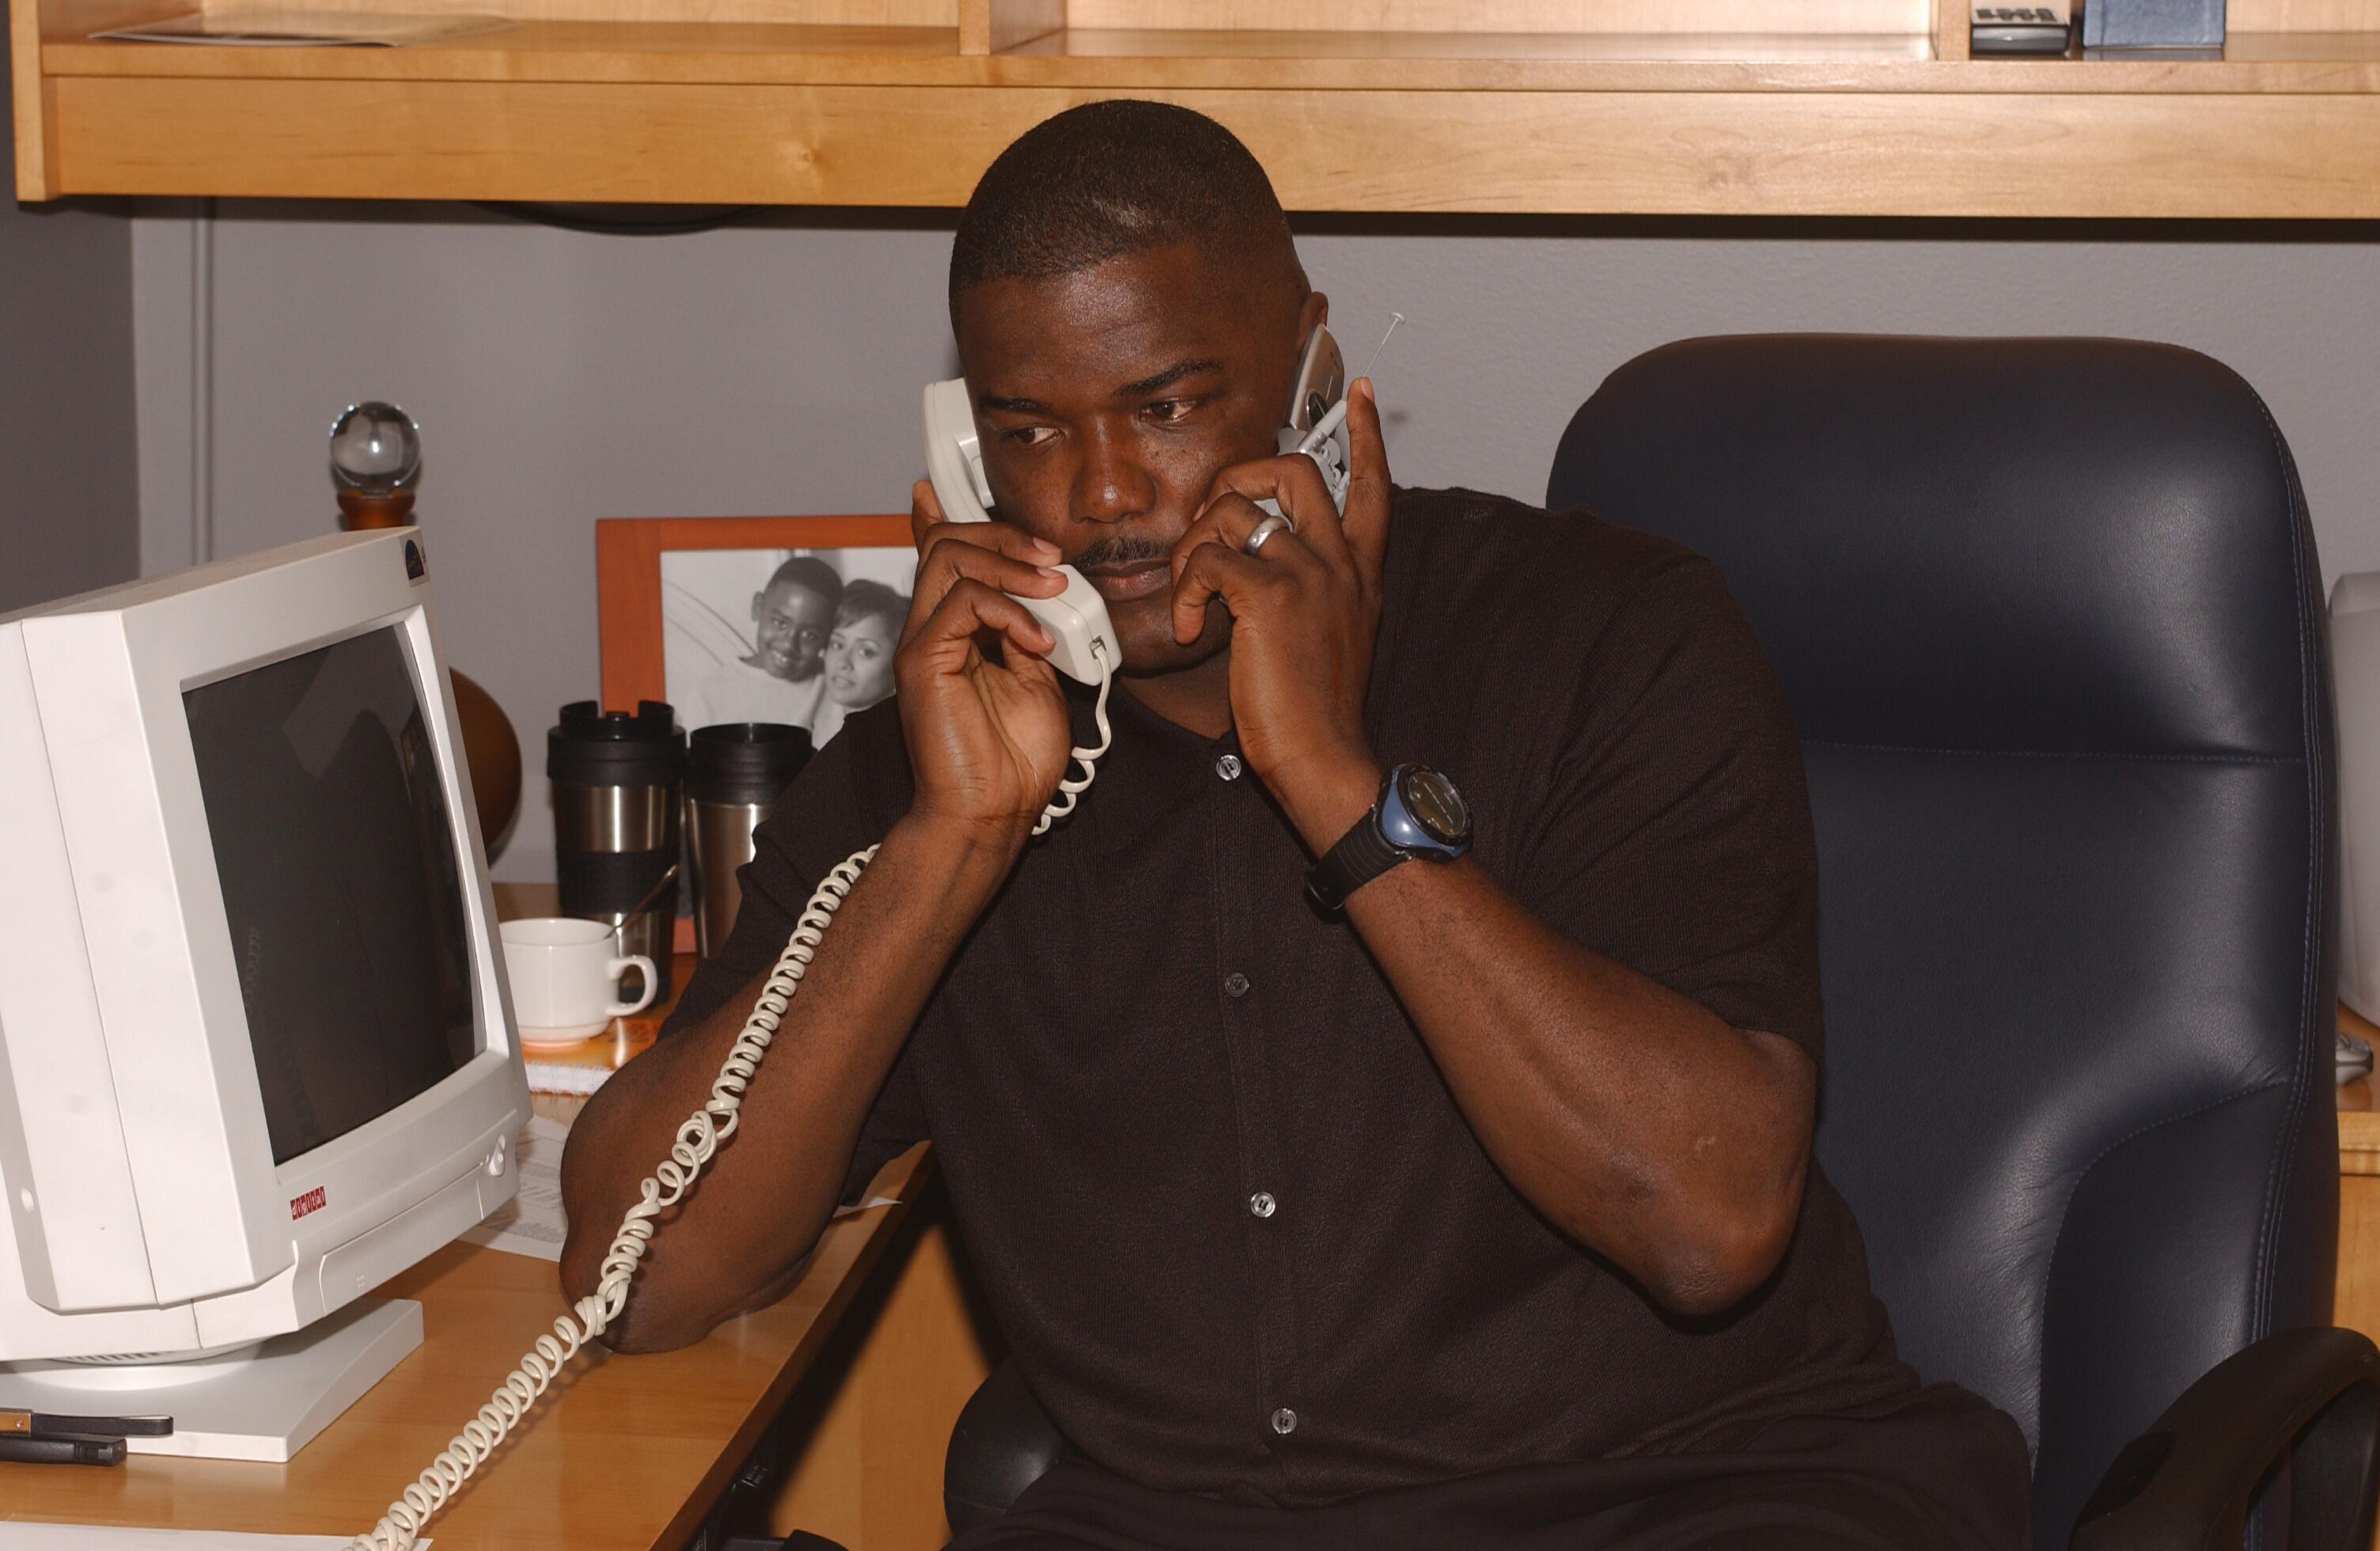 Detroit Pistons 2003 Draft